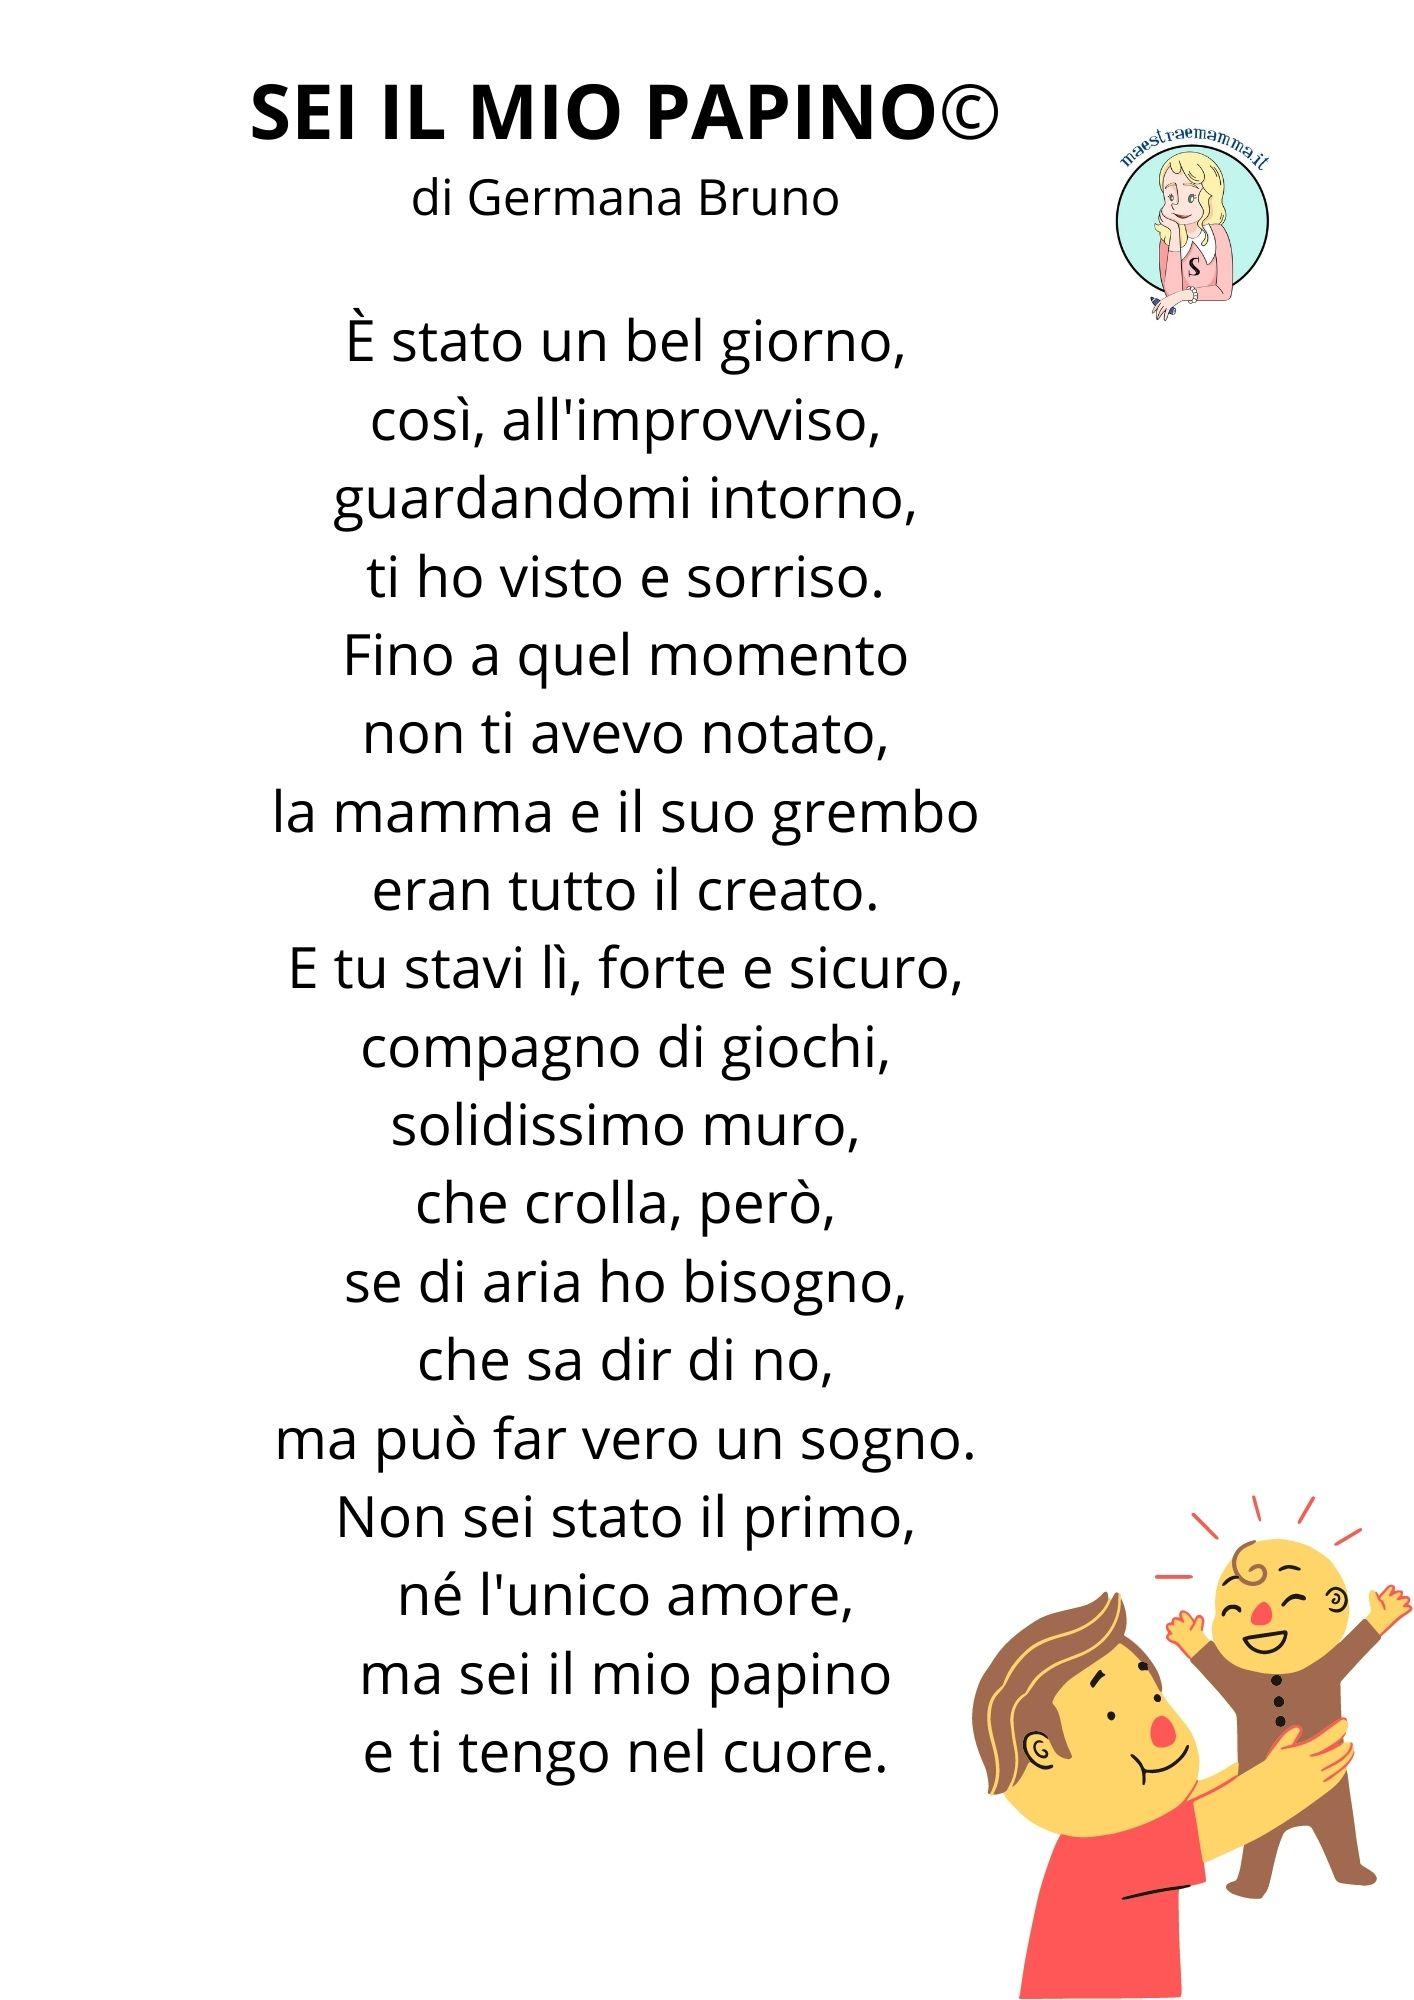 """Poesia per la festa del papà per bambini – """"Sei il mio papino"""" di Germano Bruno"""